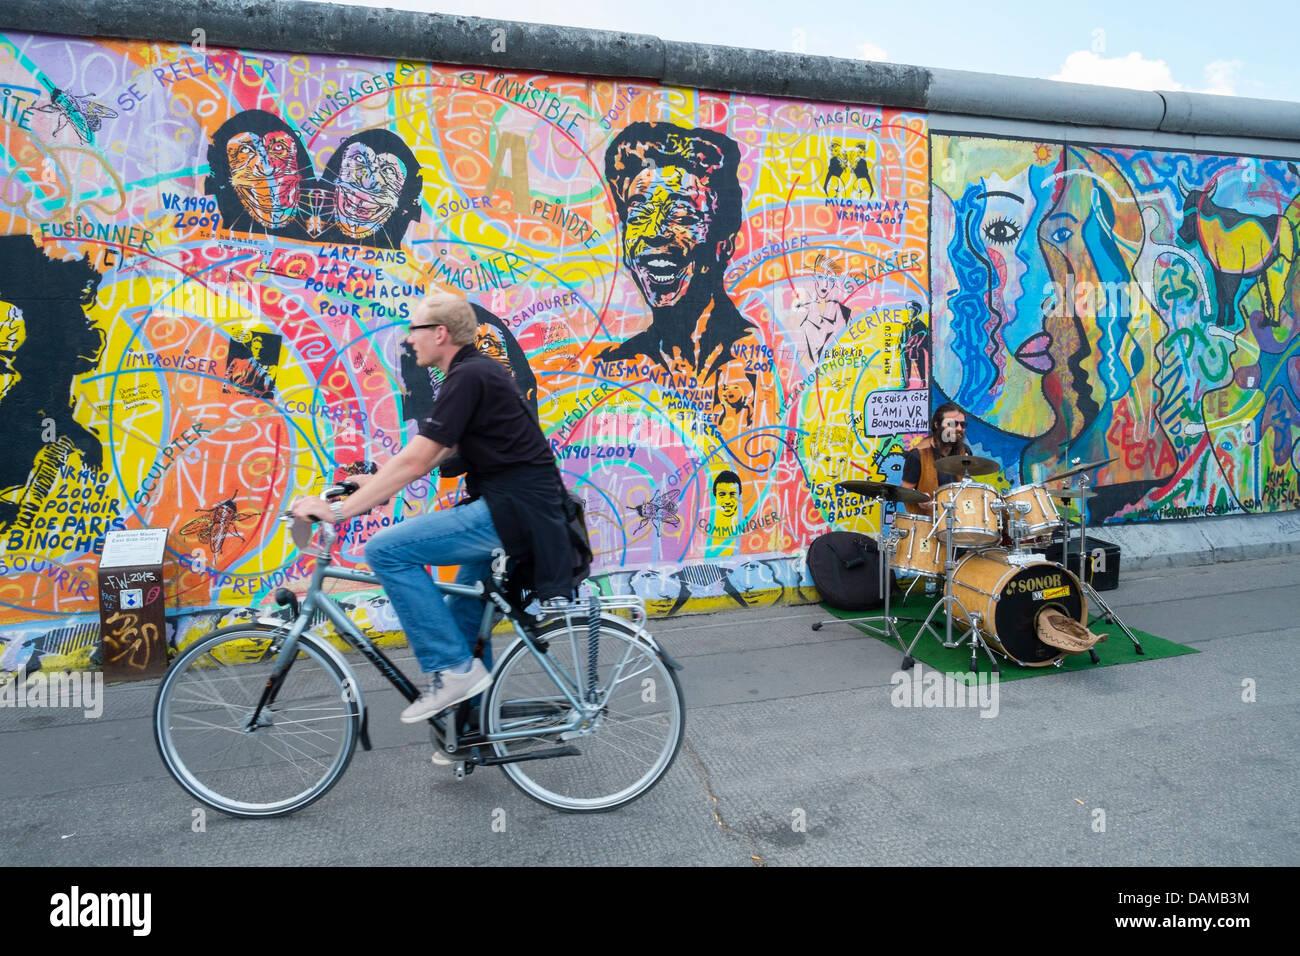 Músico busking en la calle junto al Muro de Berlín en el East Side Gallery en Berlín, Alemania Imagen De Stock